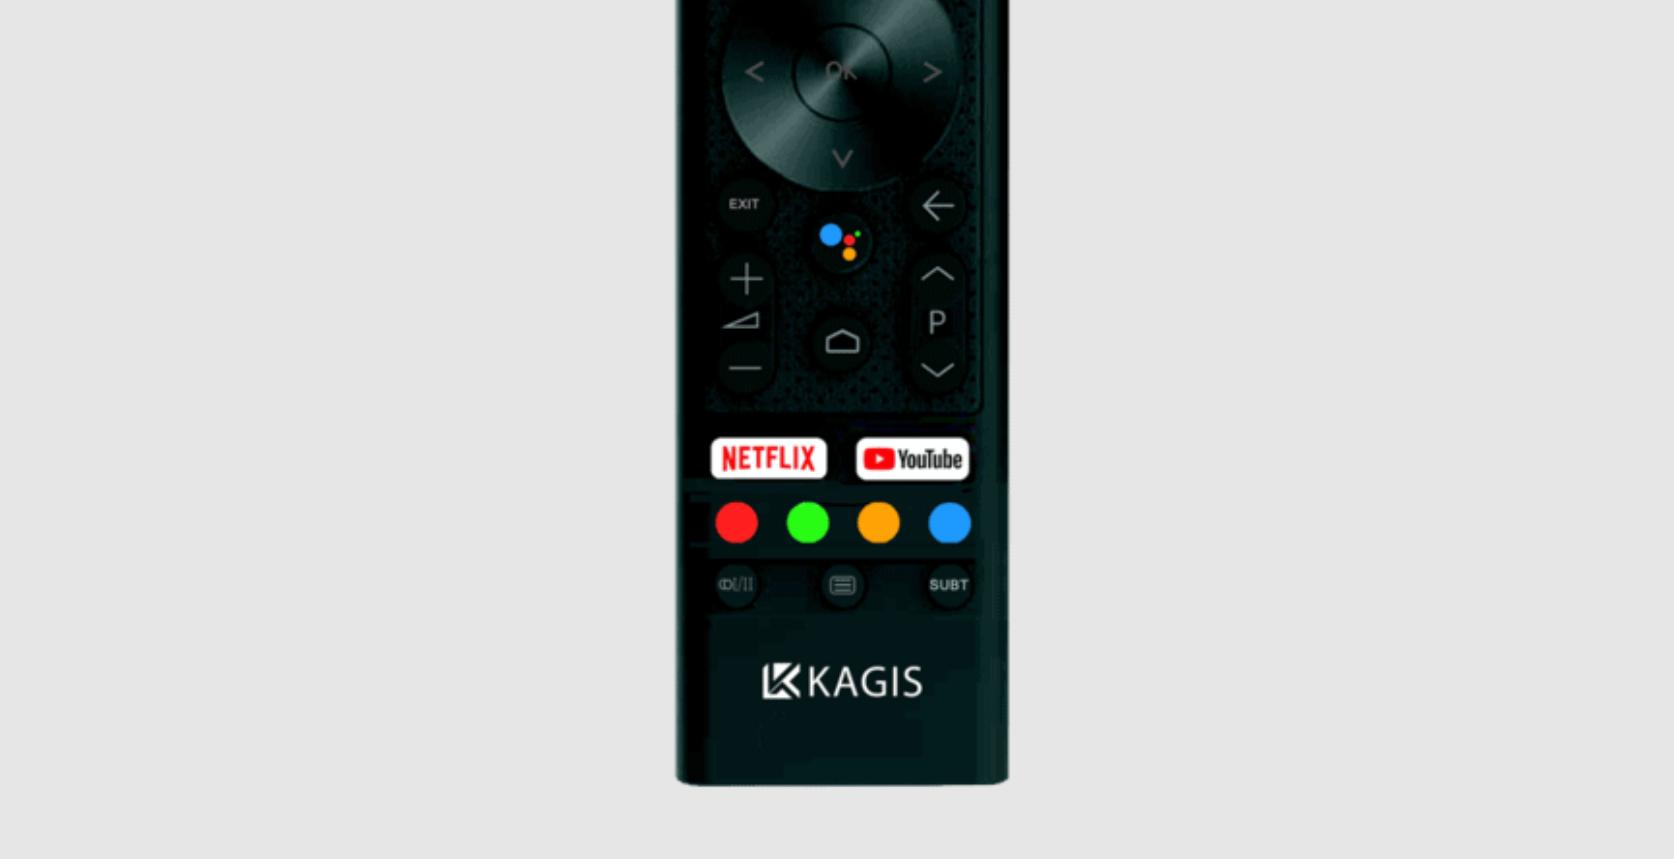 Fernbedienung des KAGIS 55 Zoll 4K UHD Smart                                     TV - Netflix, Prime Video, Google Play & Youtube Schnellstart Tasten, Android Sprachassistent Taste - TESTBERICHT